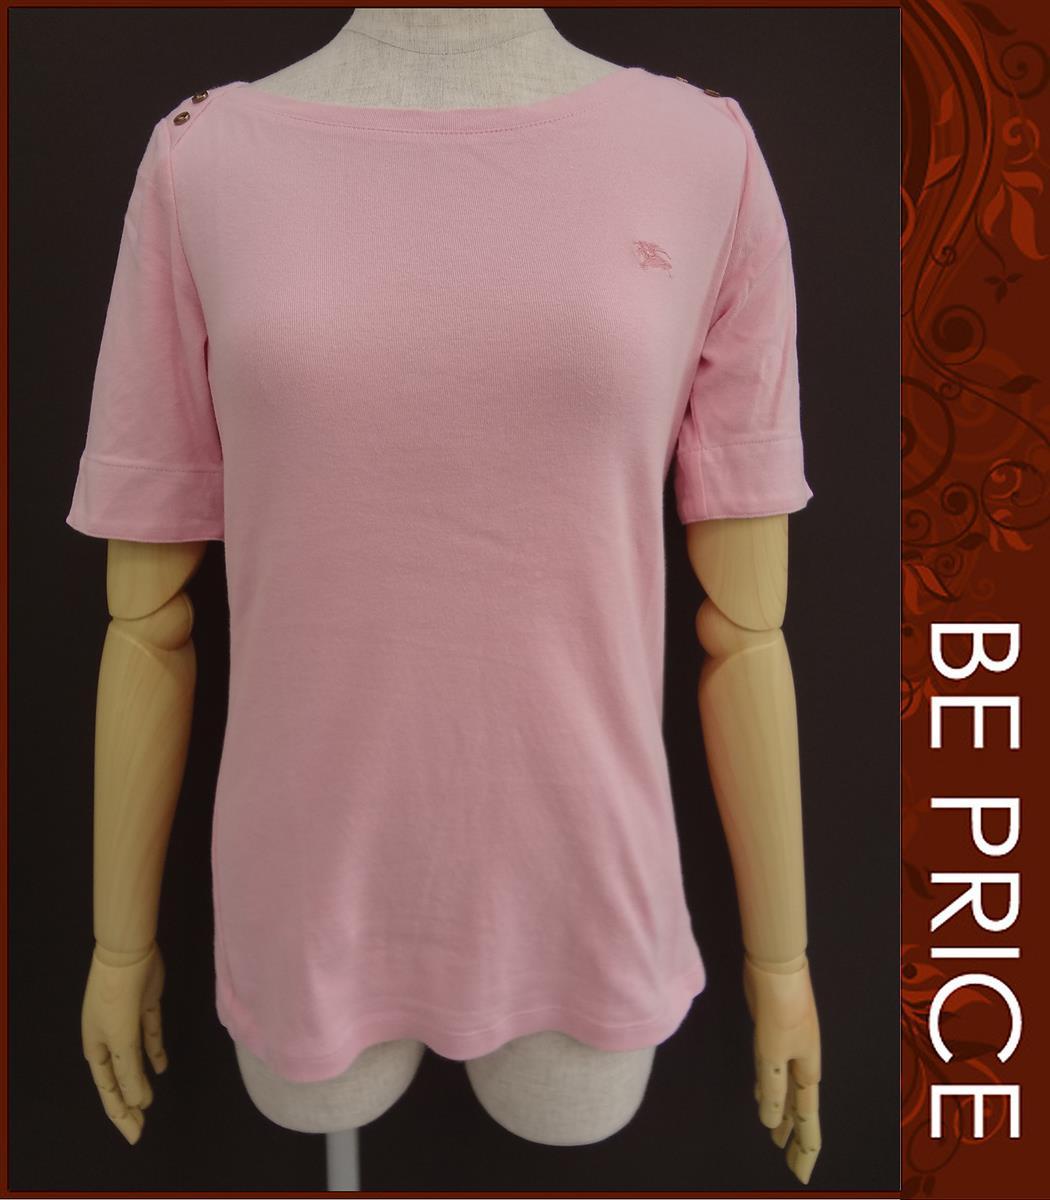 バーバリーブルーレーベル Tシャツ カットソー 半袖トップス カットソー ピンク